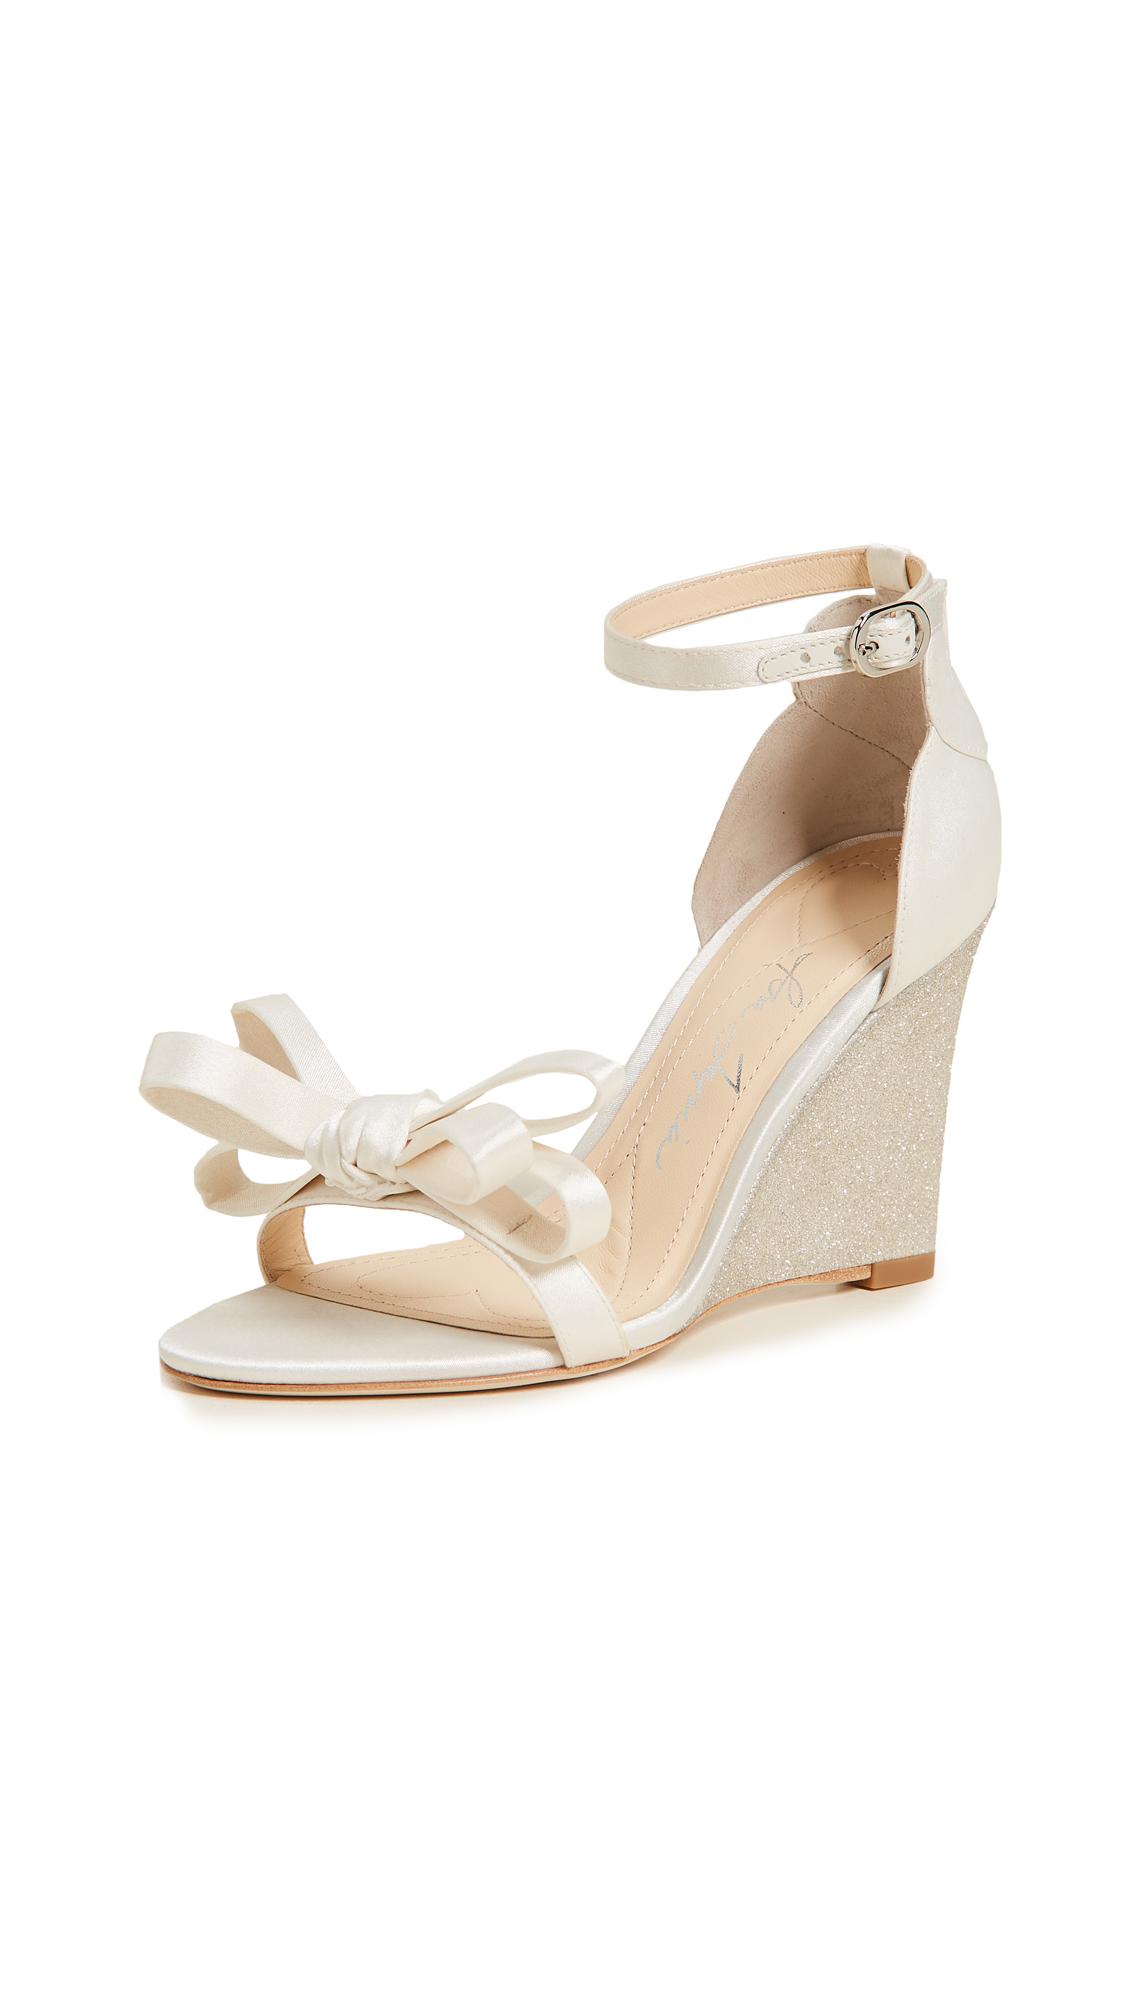 Isa Tapia Ella Wedge Sandals - Ivory/Champagne